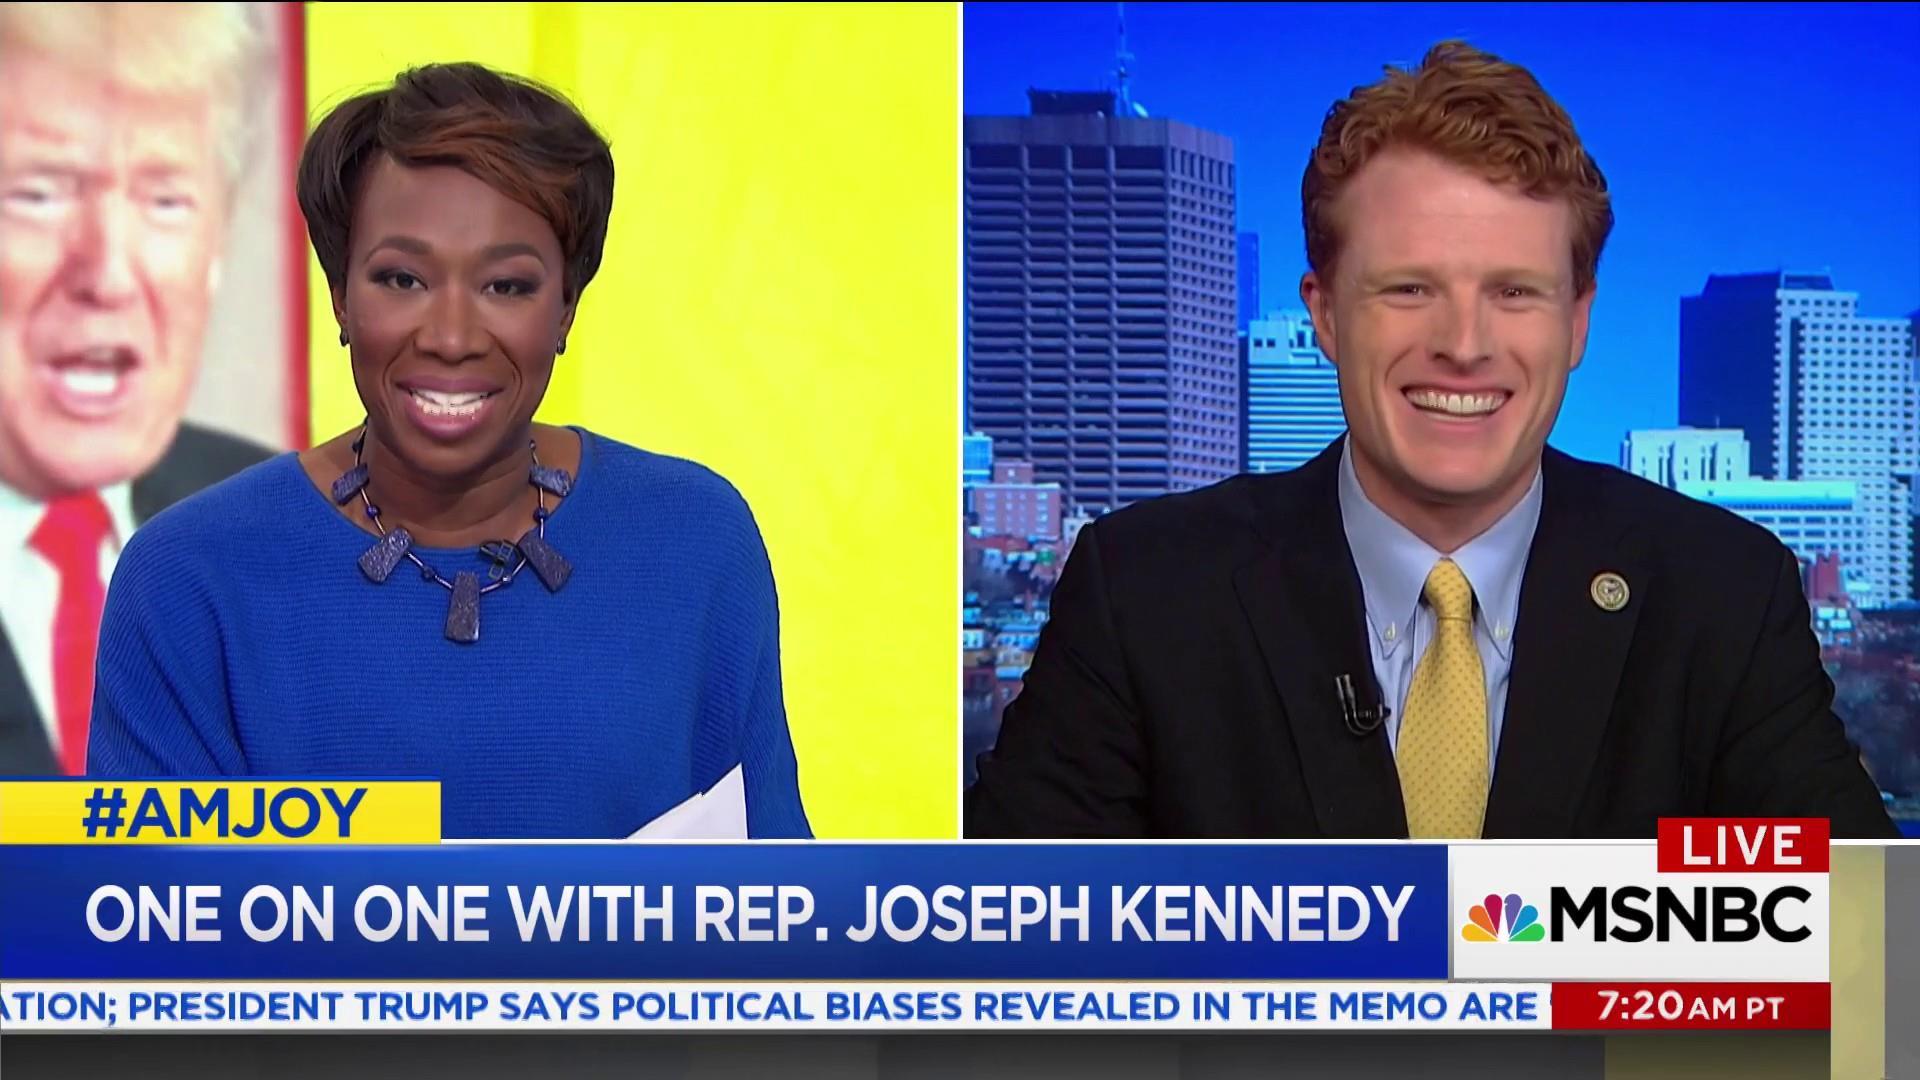 Rep. Joe Kennedy, III: I'm not running for president